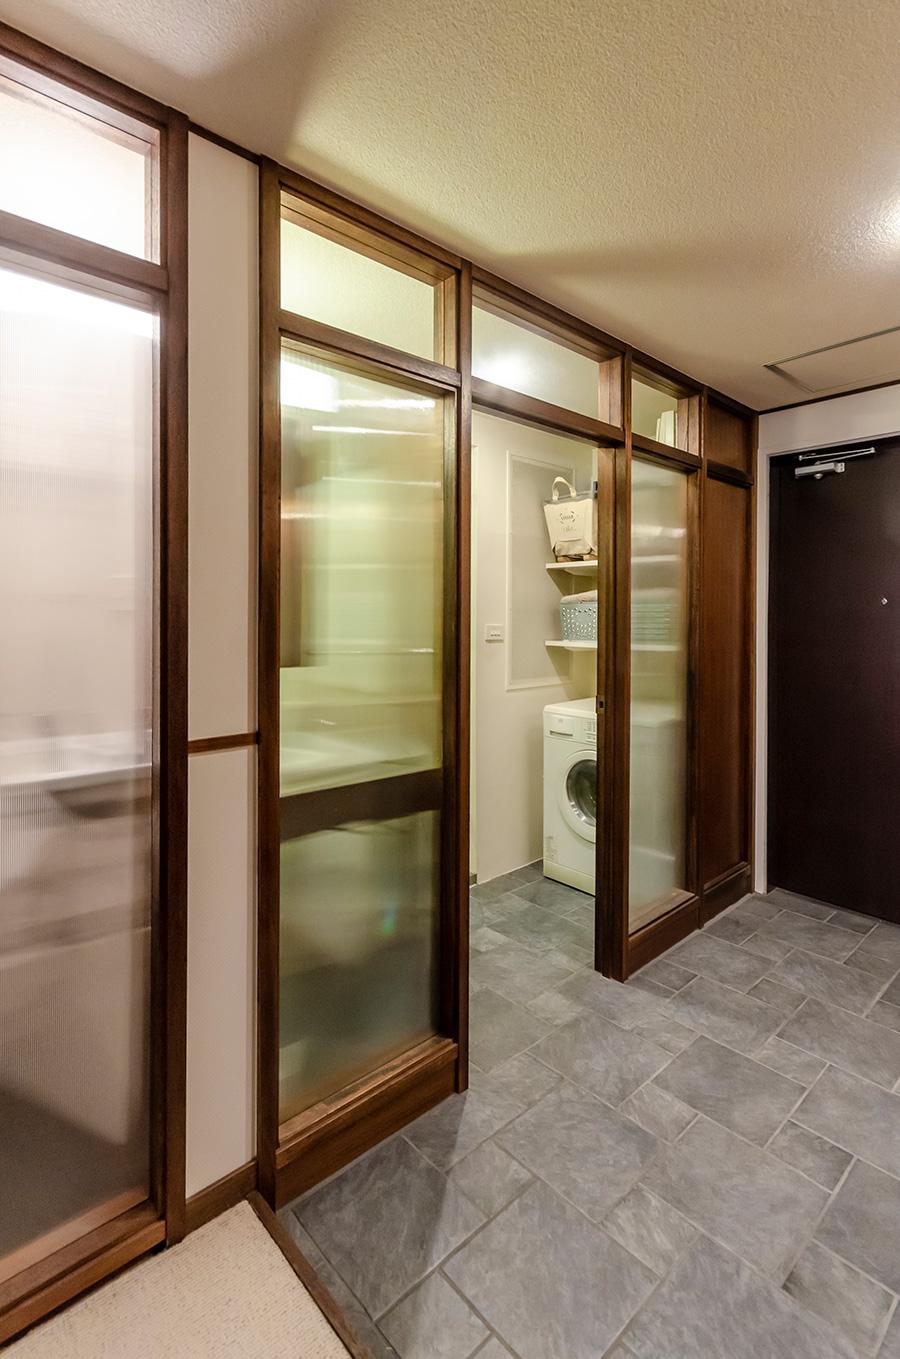 磁気質タイルで繋がる玄関と洗面所の床。